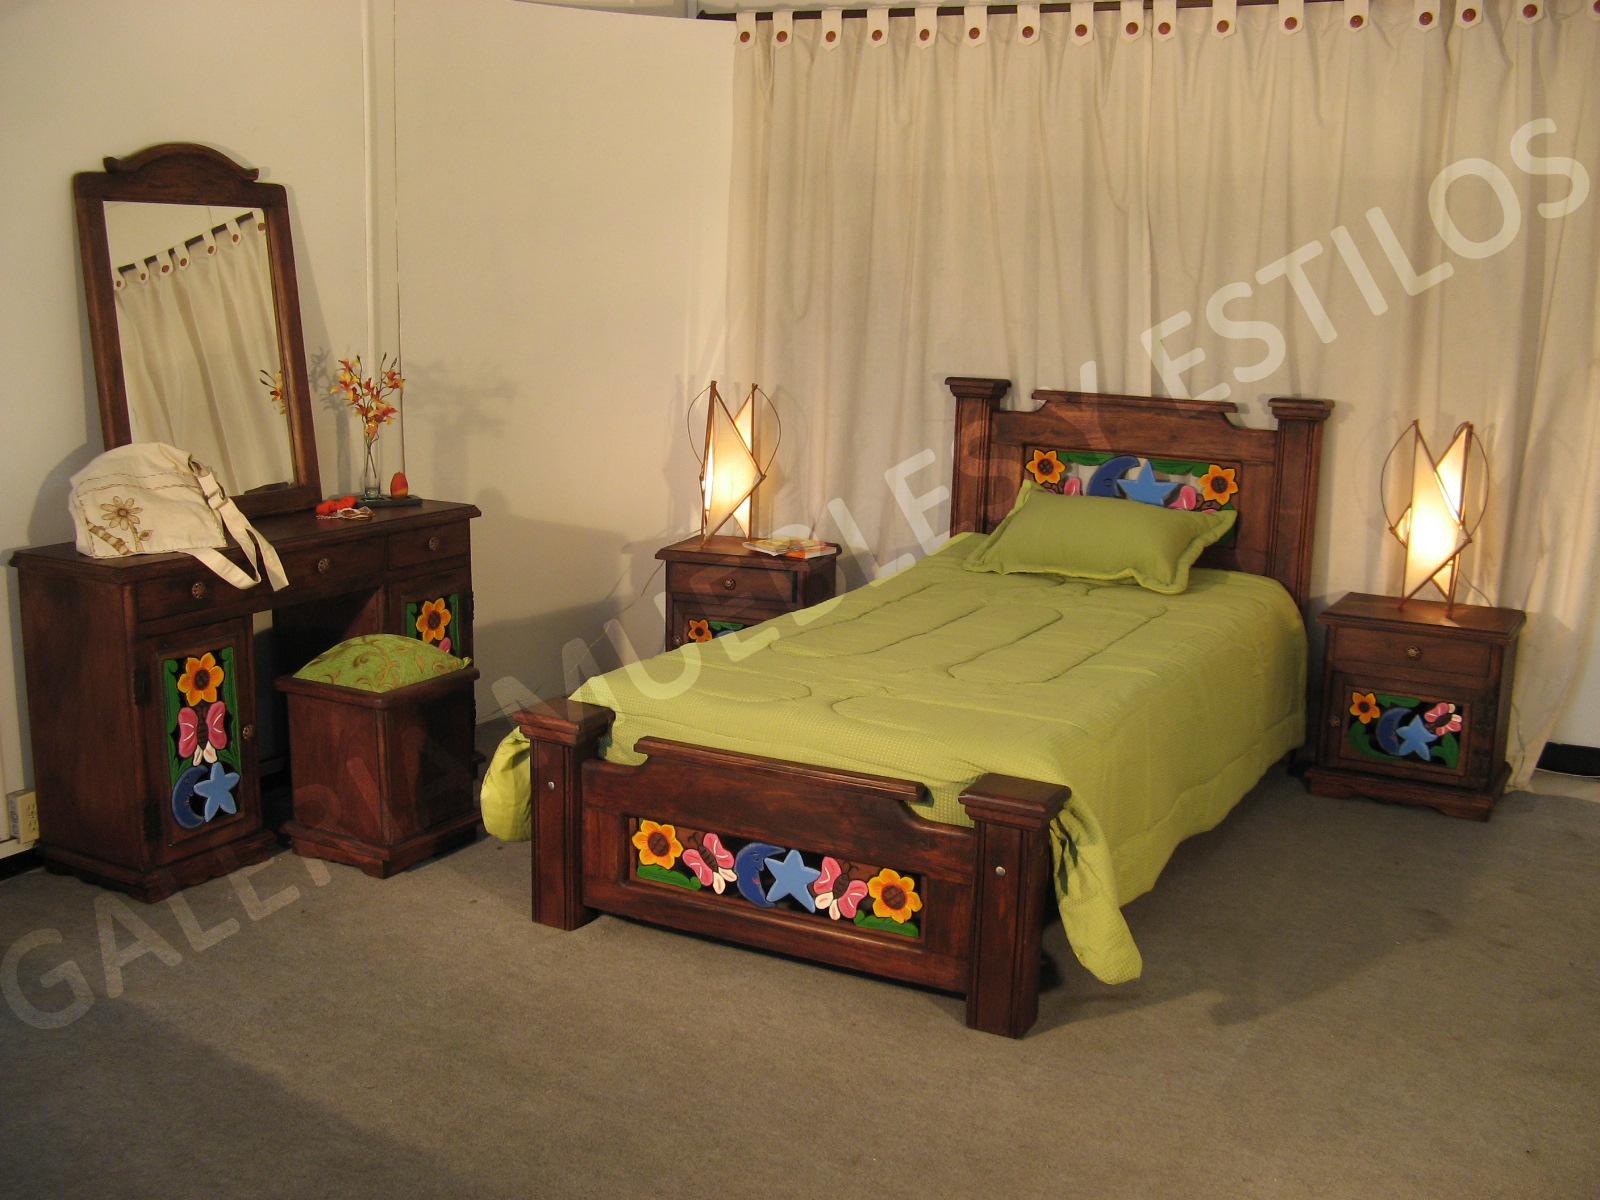 Alcoba rustica 100 con dibujos galeria muebles y estilos for Muebles la alcoba